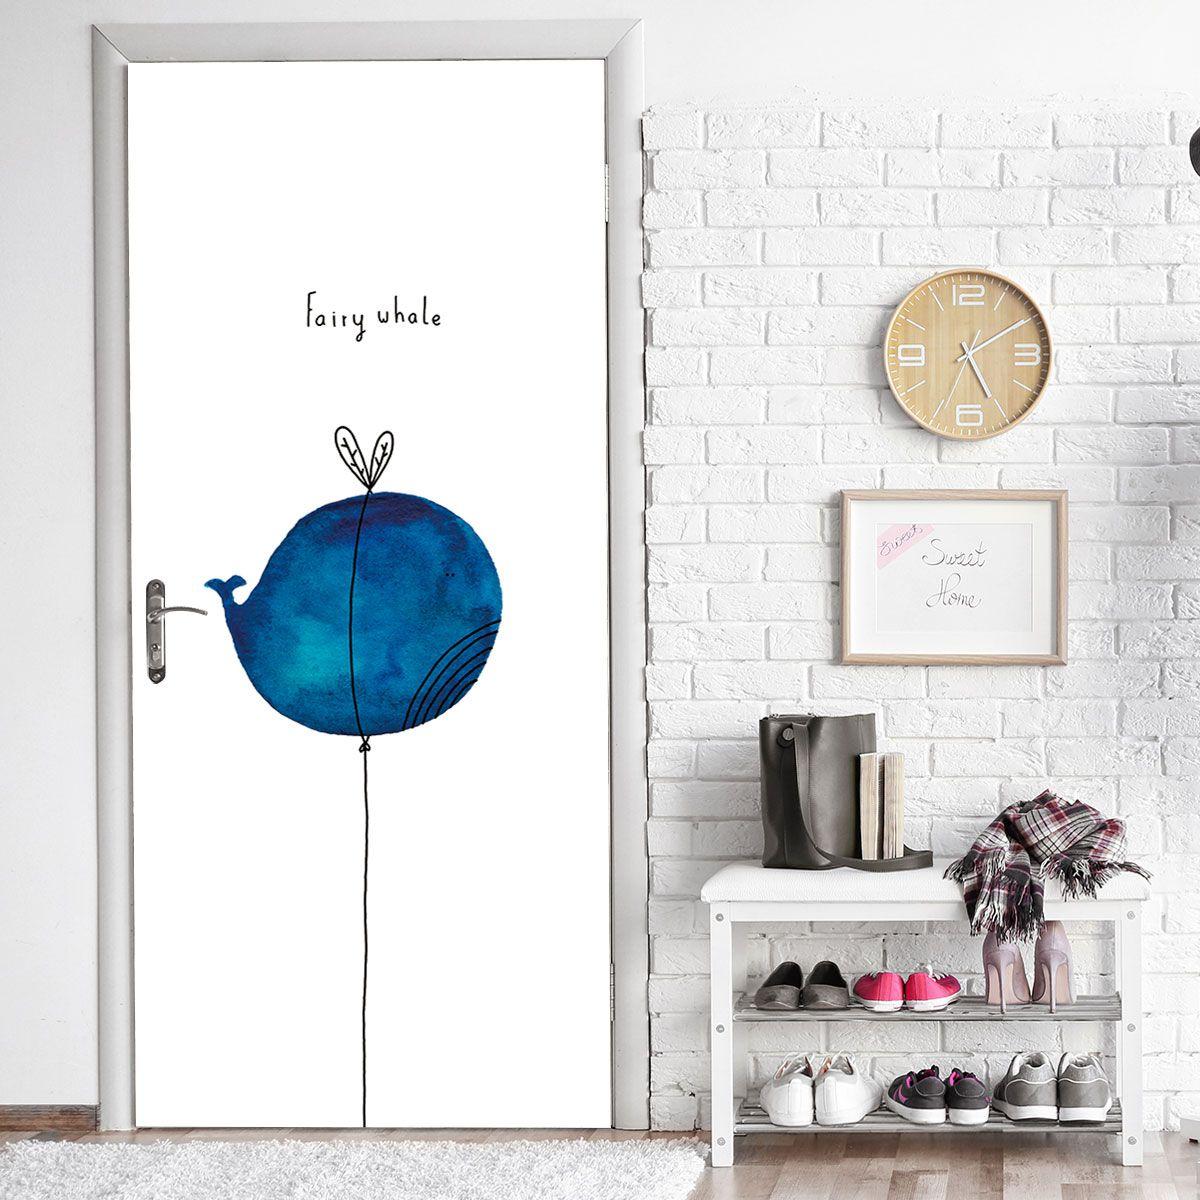 Cartoon Dolphin Balloon Sticky Door Decor Balloon Affiliate Dolphin Cartoon Decor Adver Gallery Wall Home Decor Decor